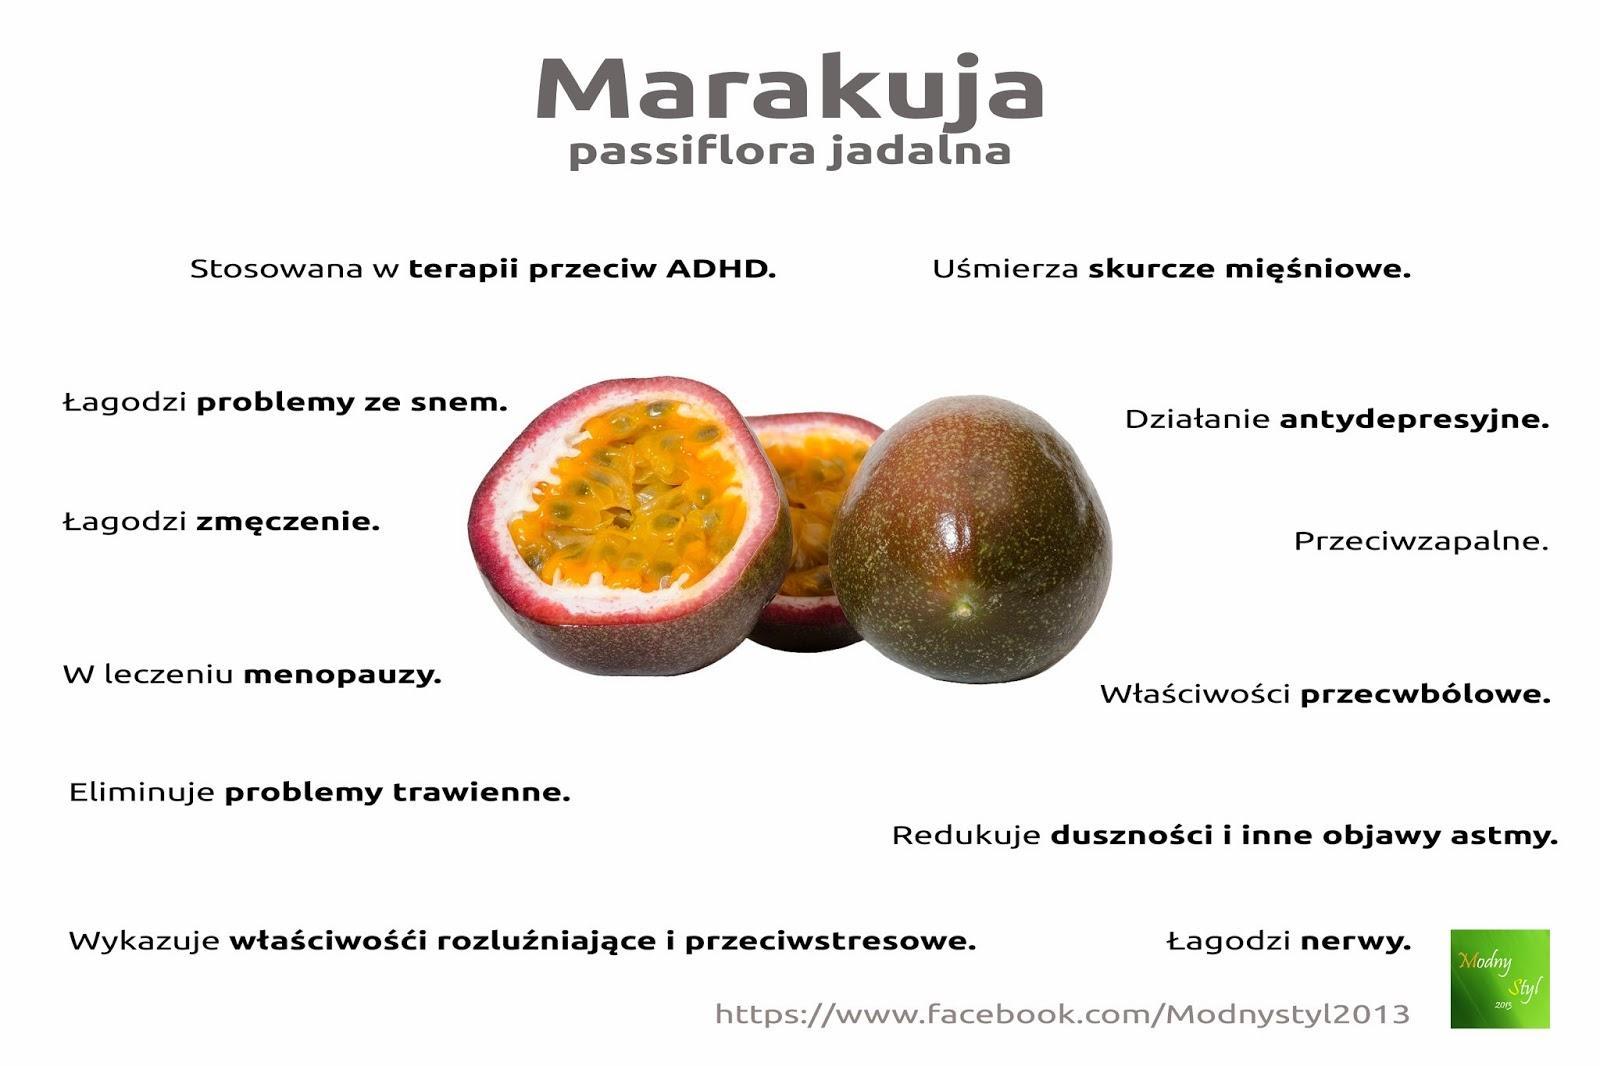 Marakuja i jej właściwości